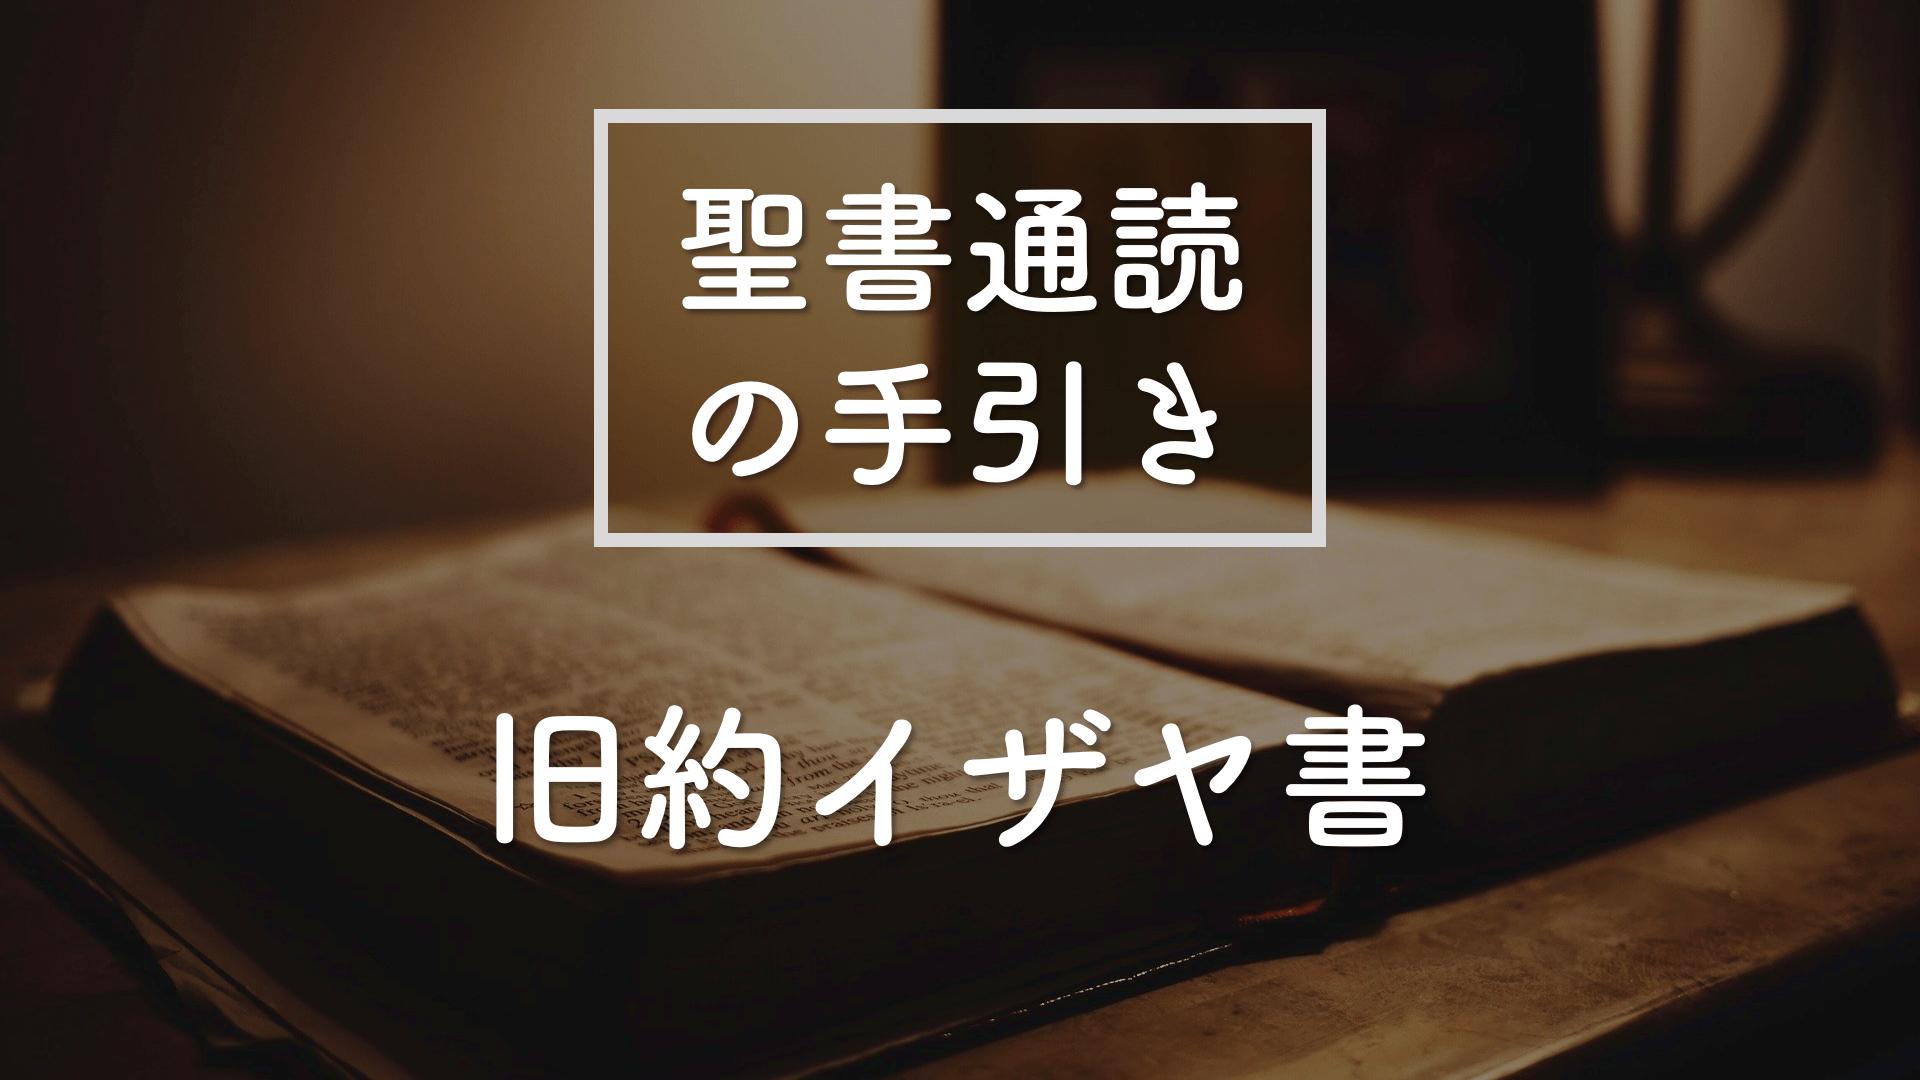 【聖書通読】イザヤ書第14回:13章全部(1~22)